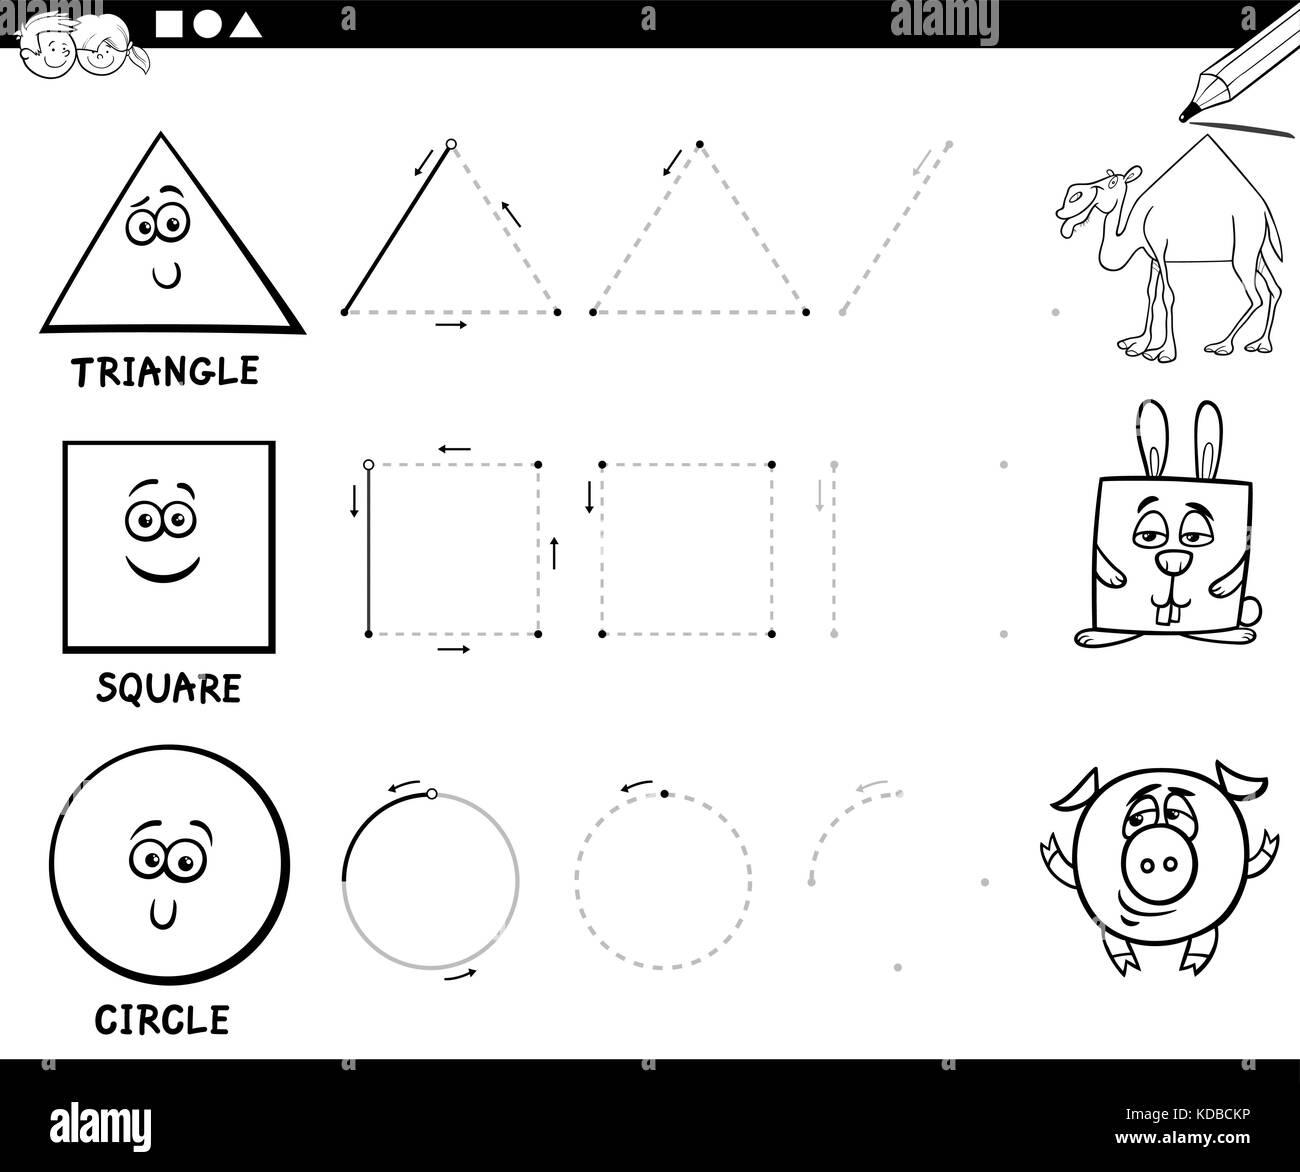 Blanco y negro ilustración dibujos animados educativos de forma ...